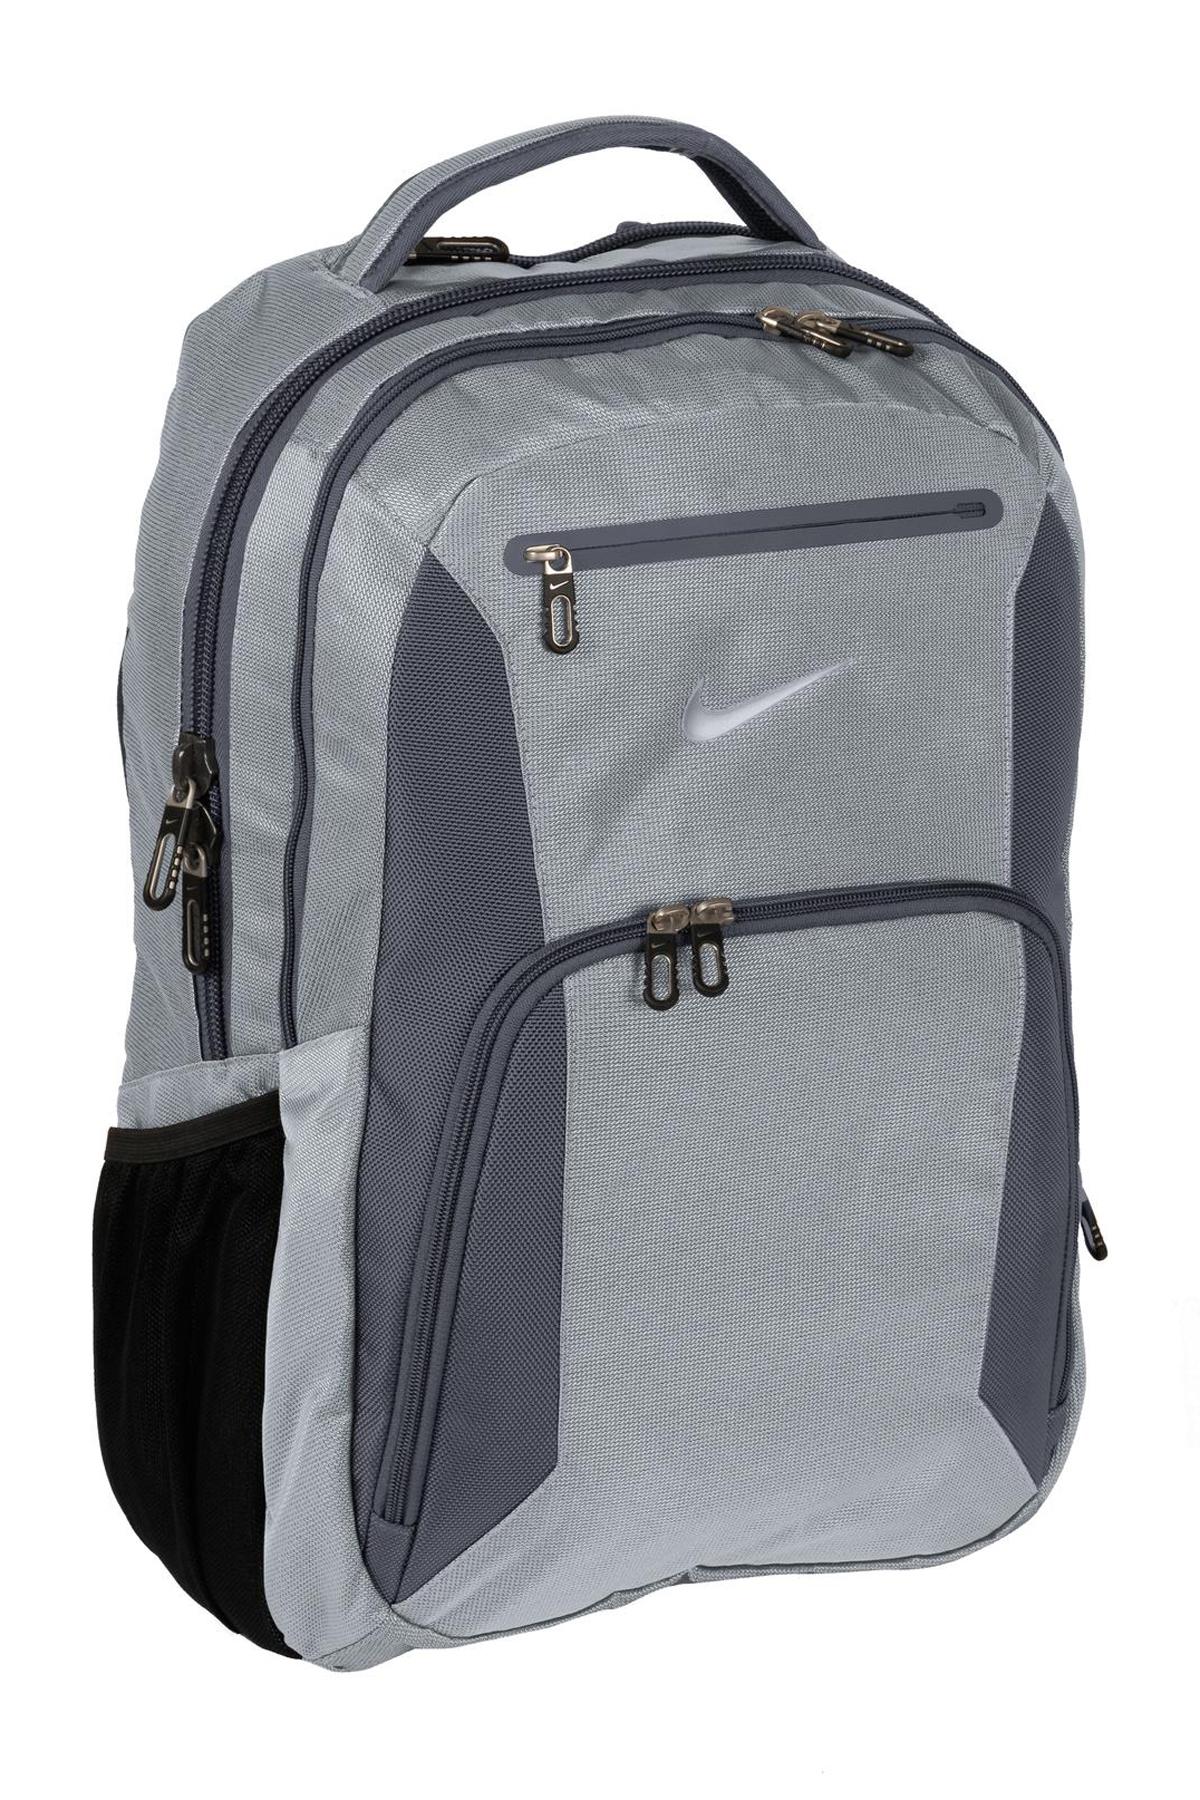 Bags-Backpacks-33